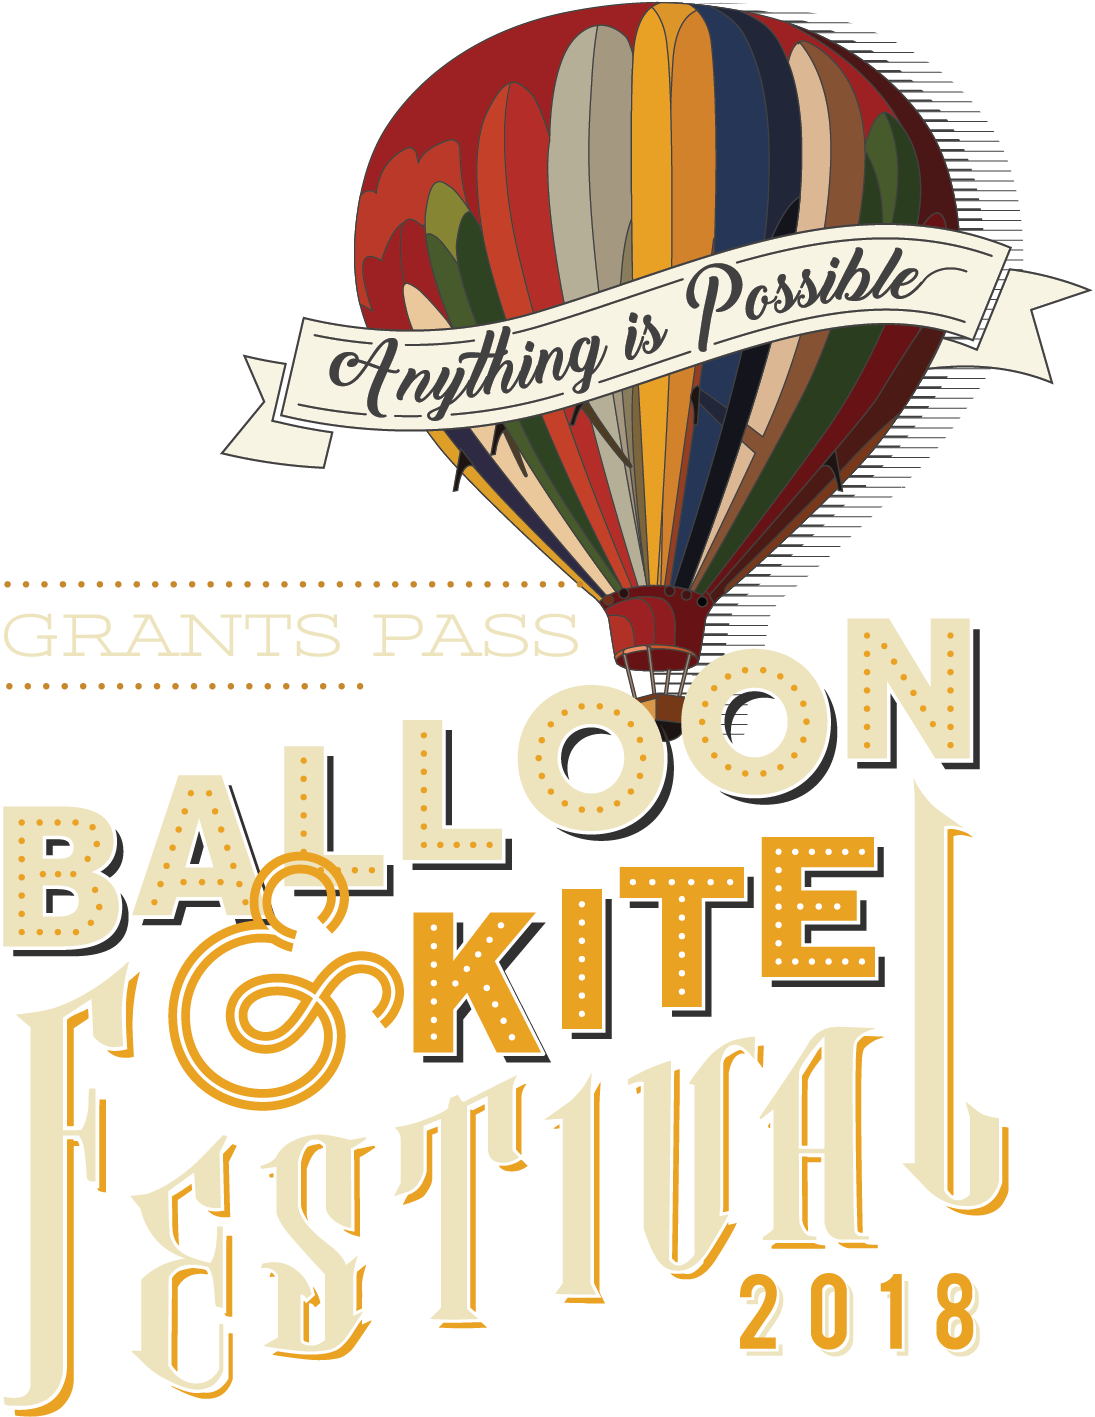 grants pass balloon. Louisiana clipart festival